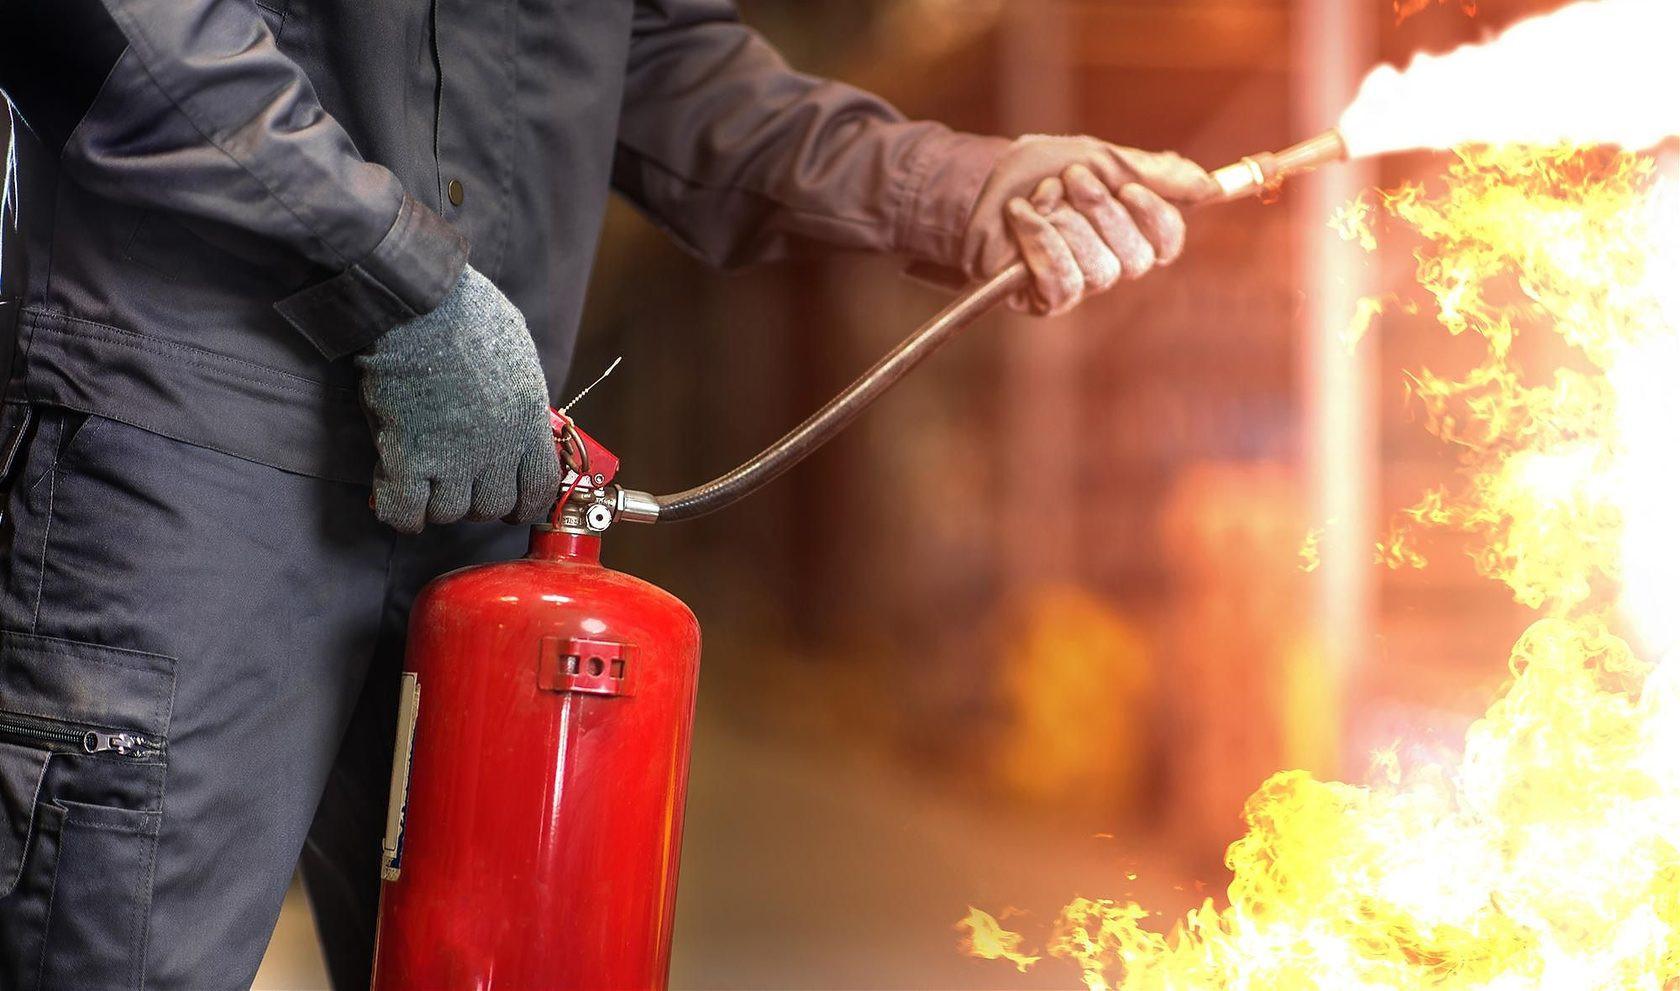 В Херсоне погиб в огне охранник пекарни, пытаясь потушить пожар